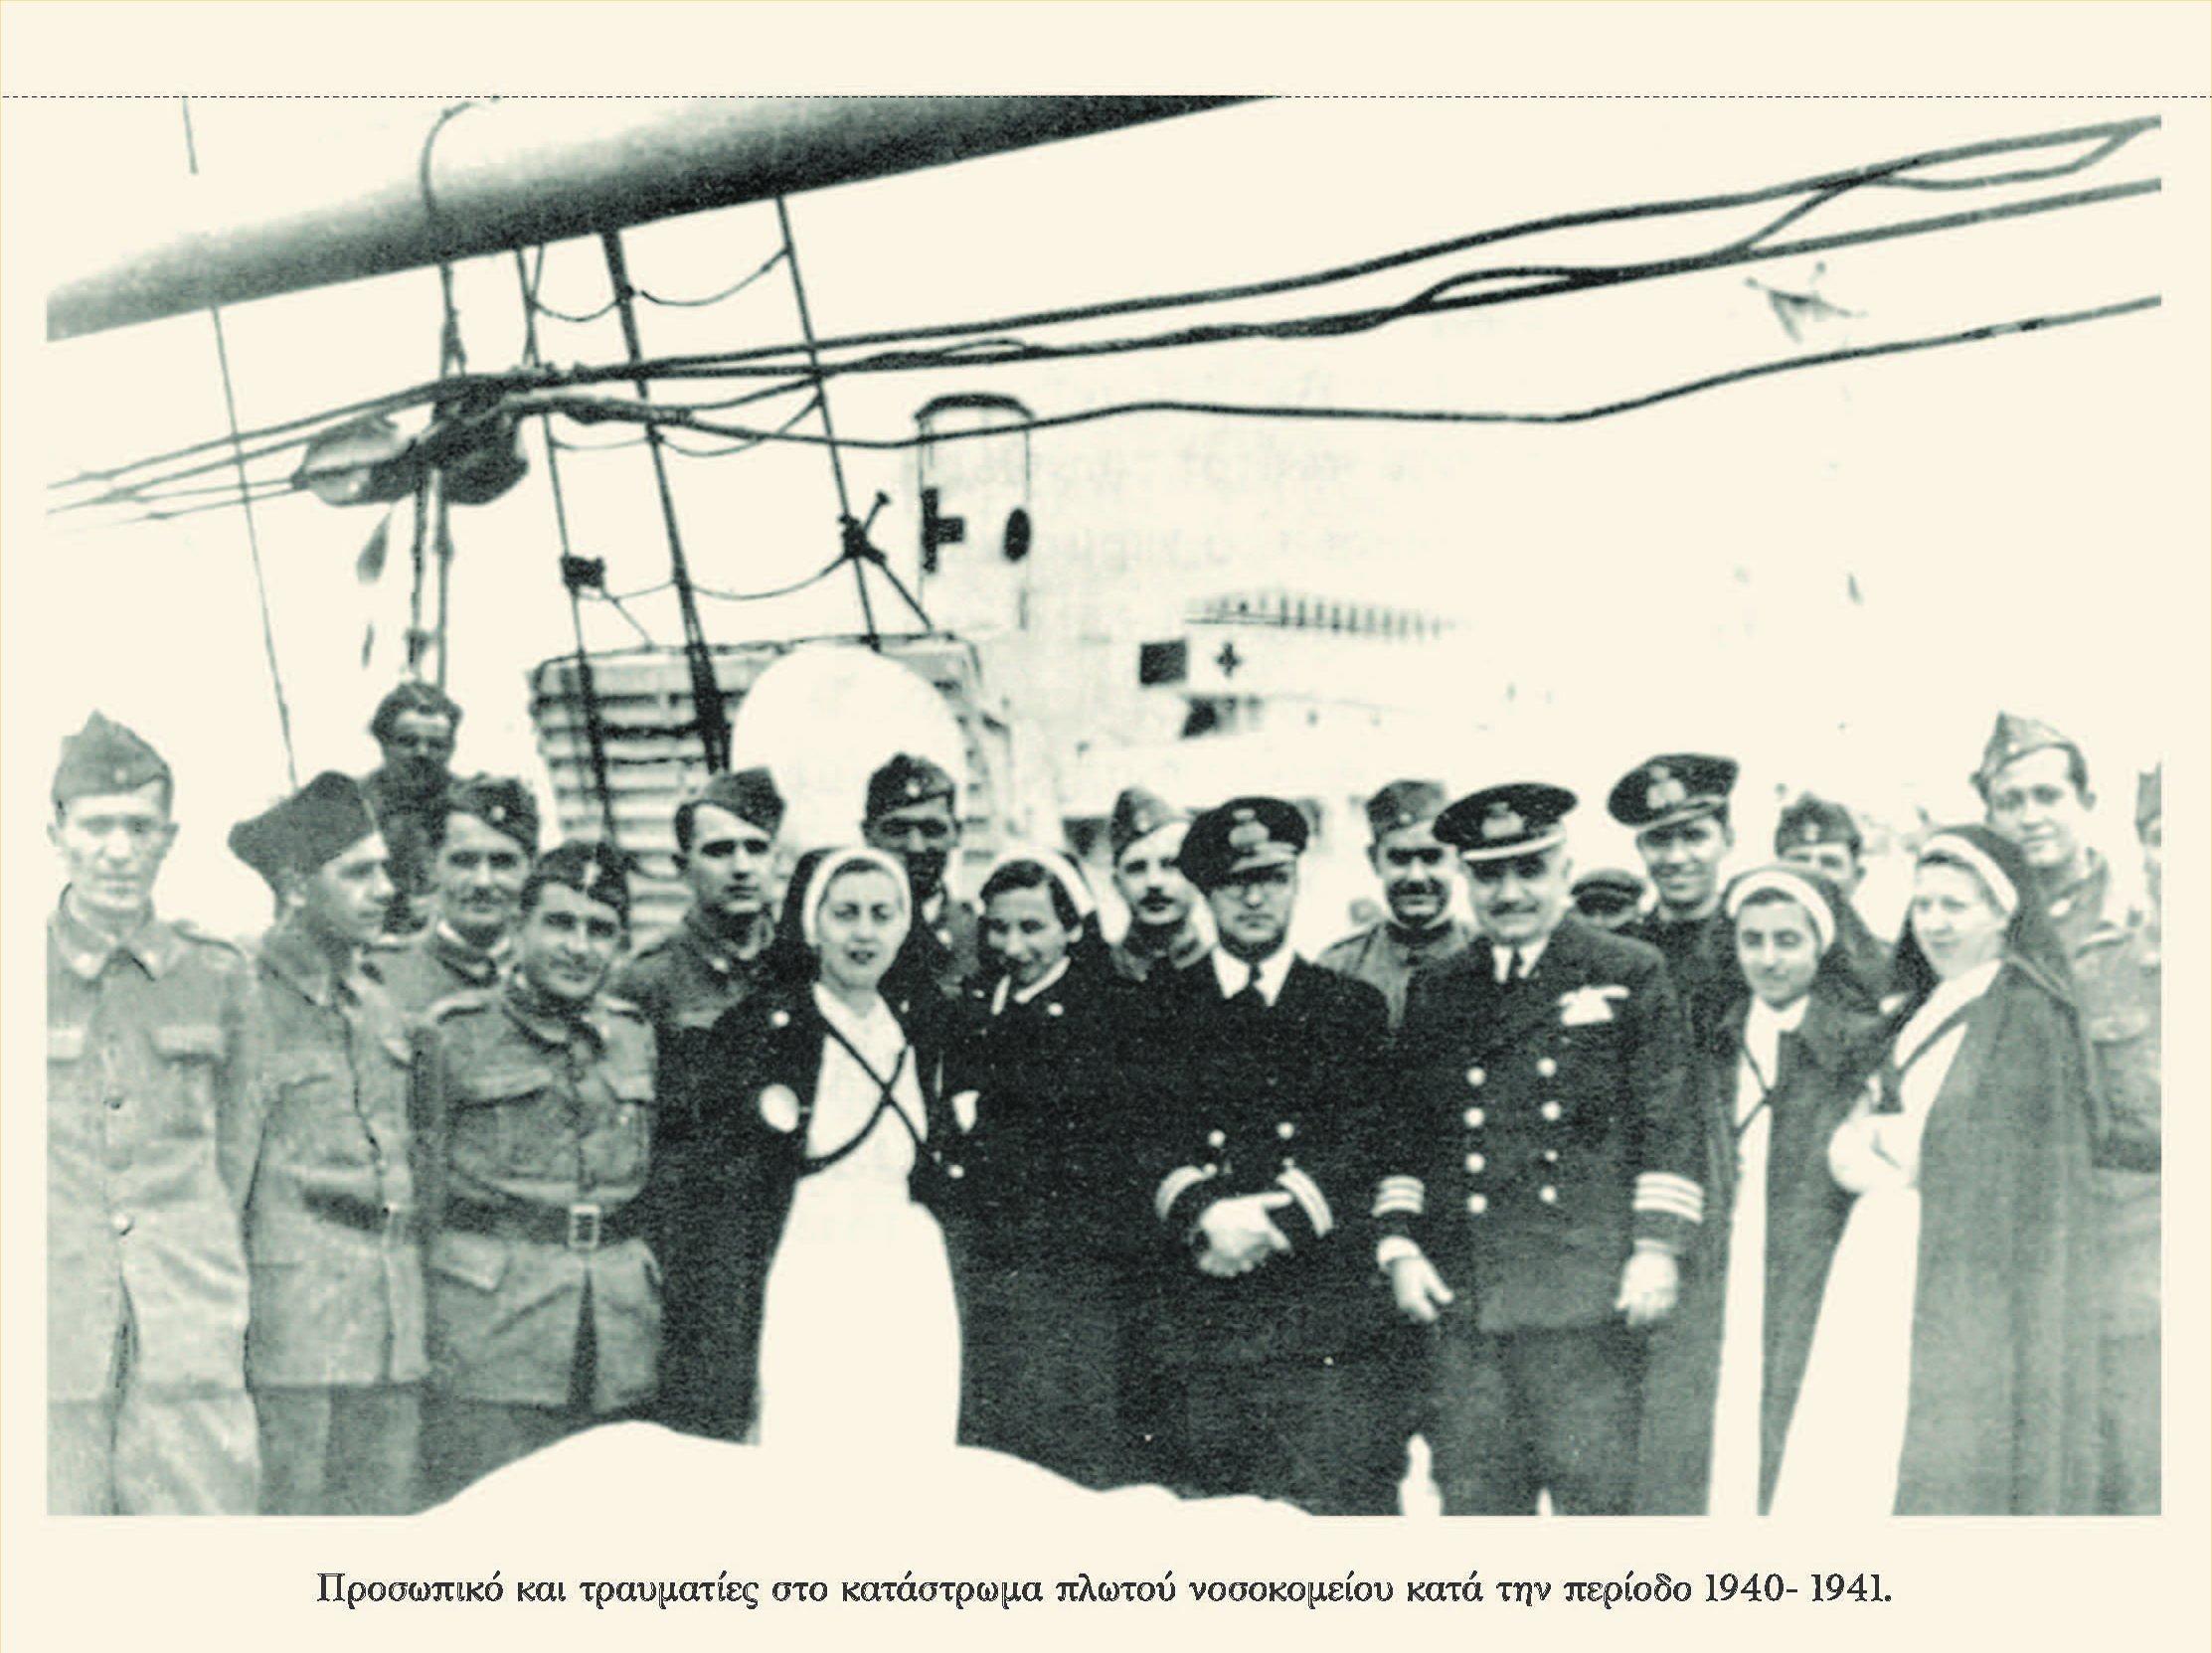 Ημερίδα Ιστορίας Ναυτικής Ιατρικής « Η προετοιμασία και η συμμετοχή των Υγειονομικών Υπηρεσιών και η συμβολή του Πολεμικού Ναυτικού στην εποποιία του 1940-1941»